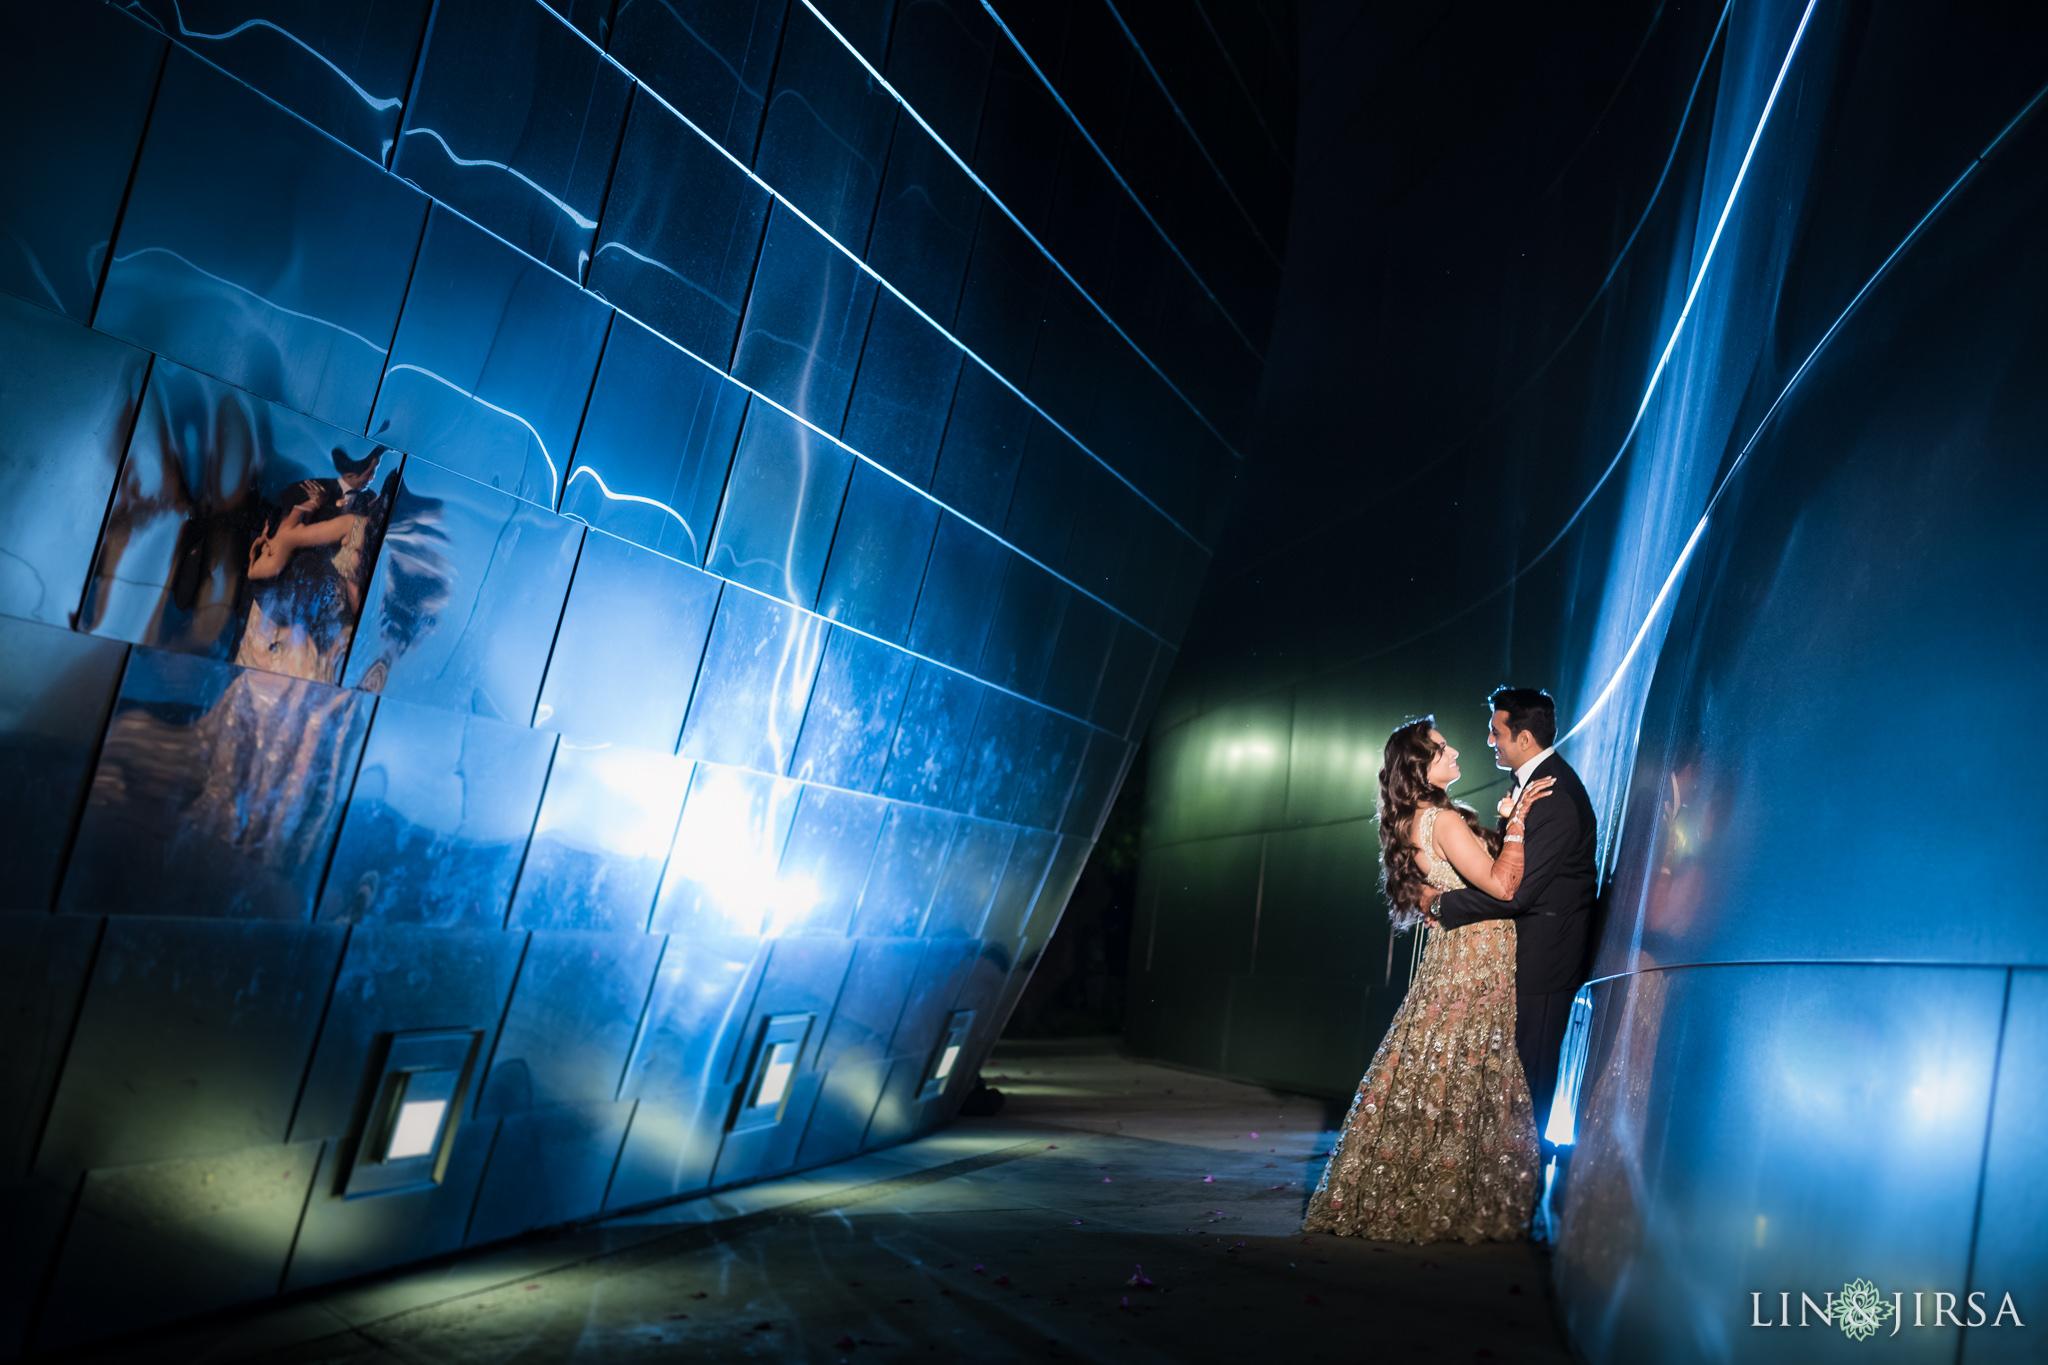 09-biltmore-hotel-los-angeles-wedding-reception-photography